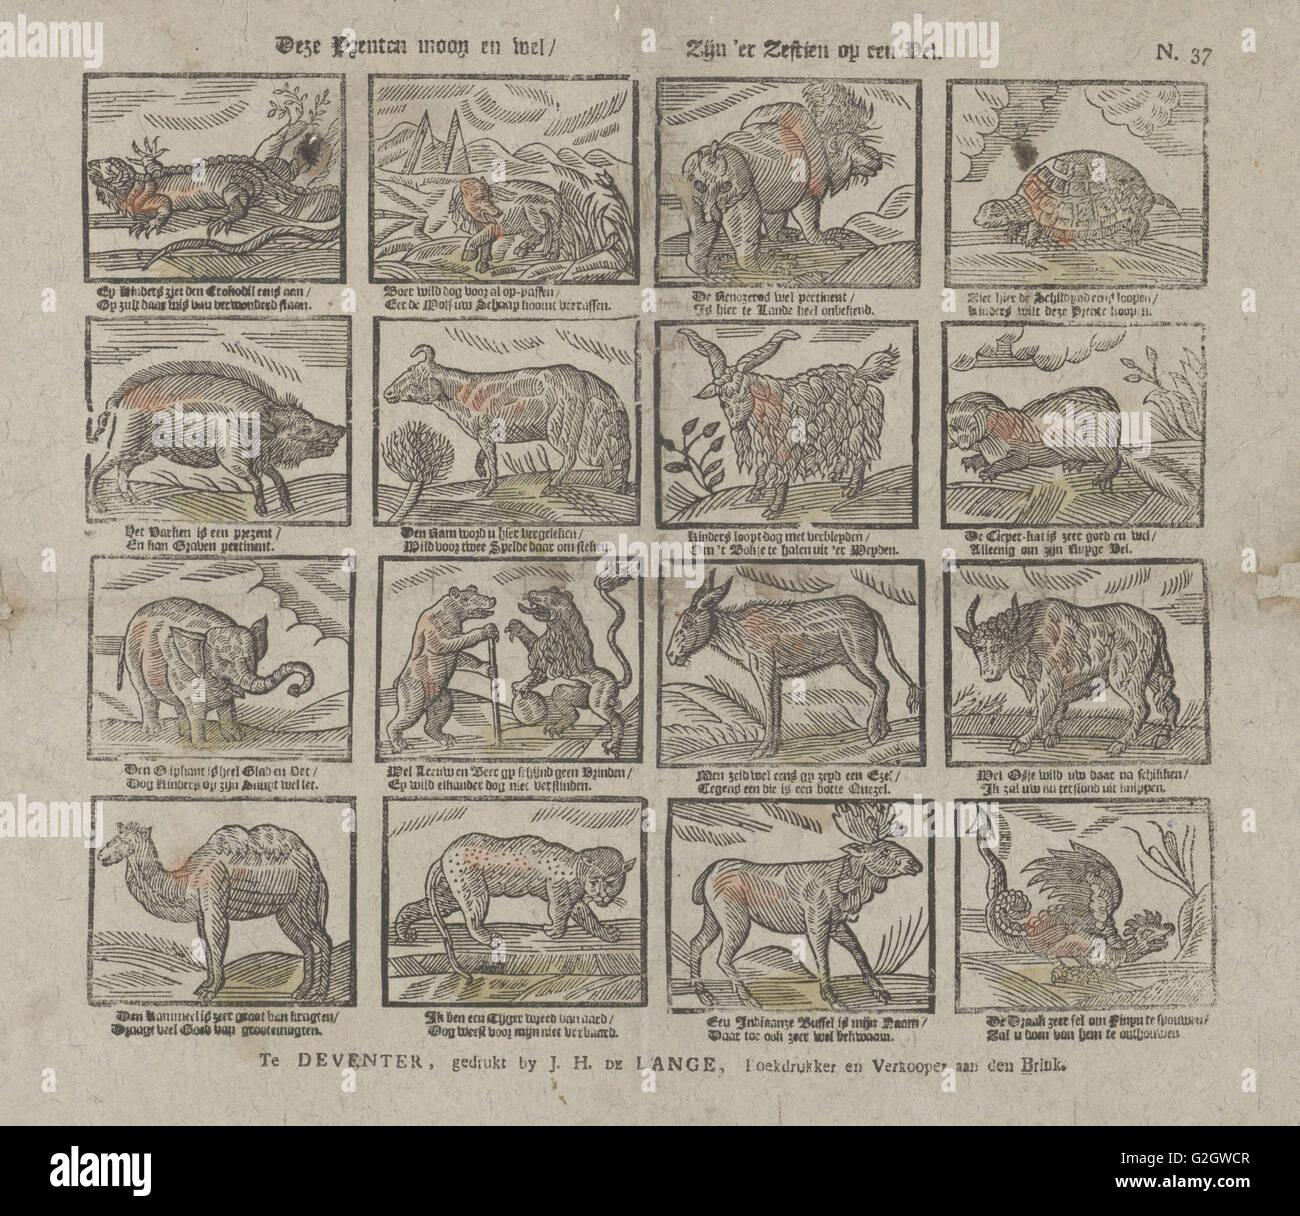 Drucke, Jan Hendrik de Lange, drucken Hersteller: Anonym, 1787-1822 Stockbild